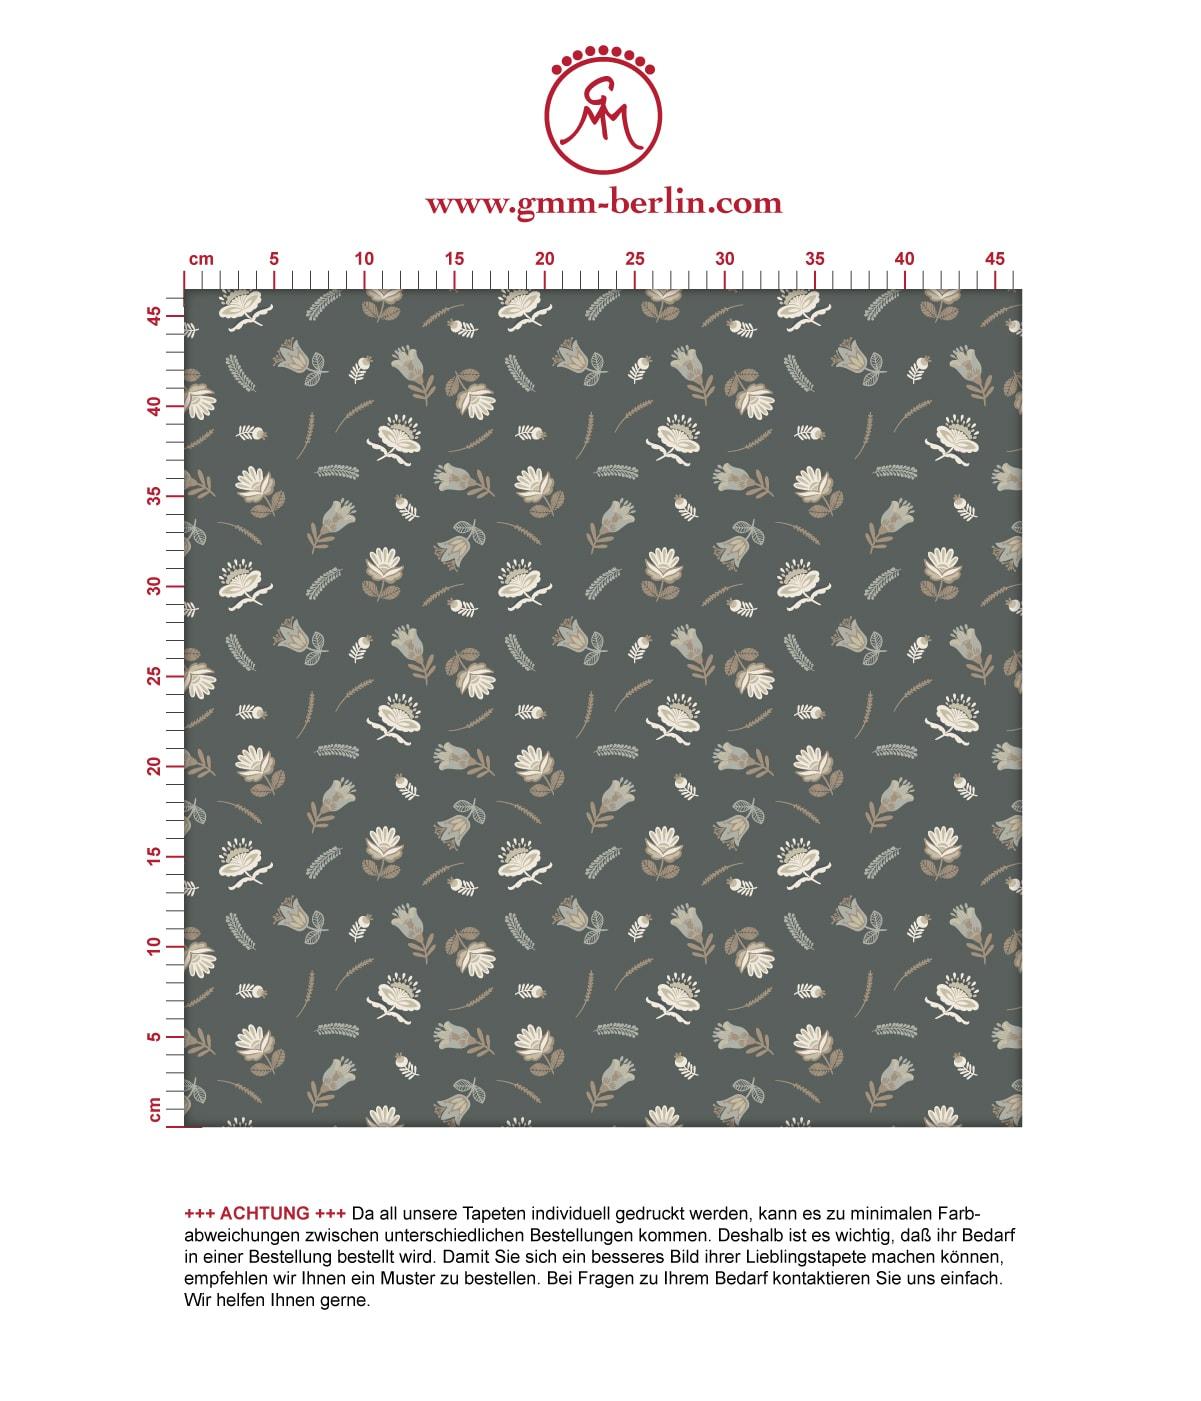 Graue, exotische Streublümchen Tapete mit kleinen Blüten, graue Vliestapete für Wohnzimmer. Aus dem GMM-BERLIN.com Sortiment: Schöne Tapeten in der Farbe: grau